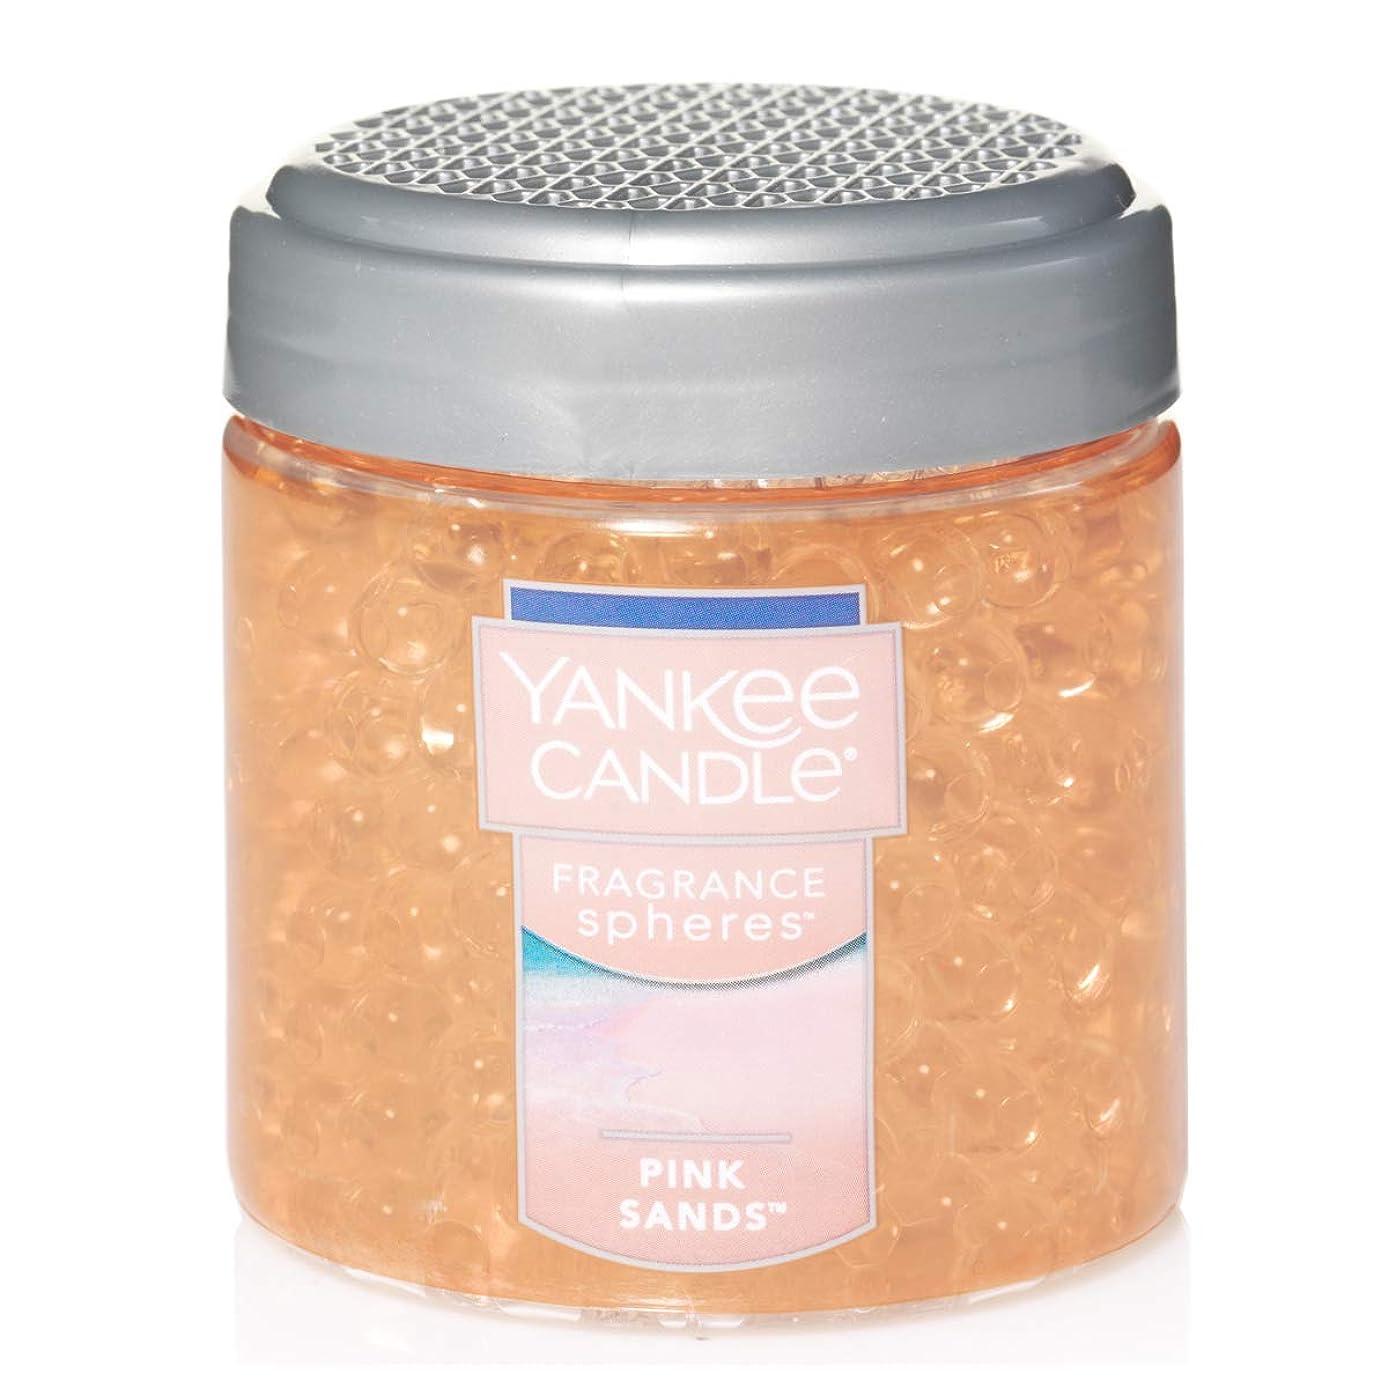 主張パイプ熱帯のヤンキーキャンドル(YANKEE CANDLE) YANKEE CANDLE フレグランスビーズ 「 ピンクサンド 」6個セット